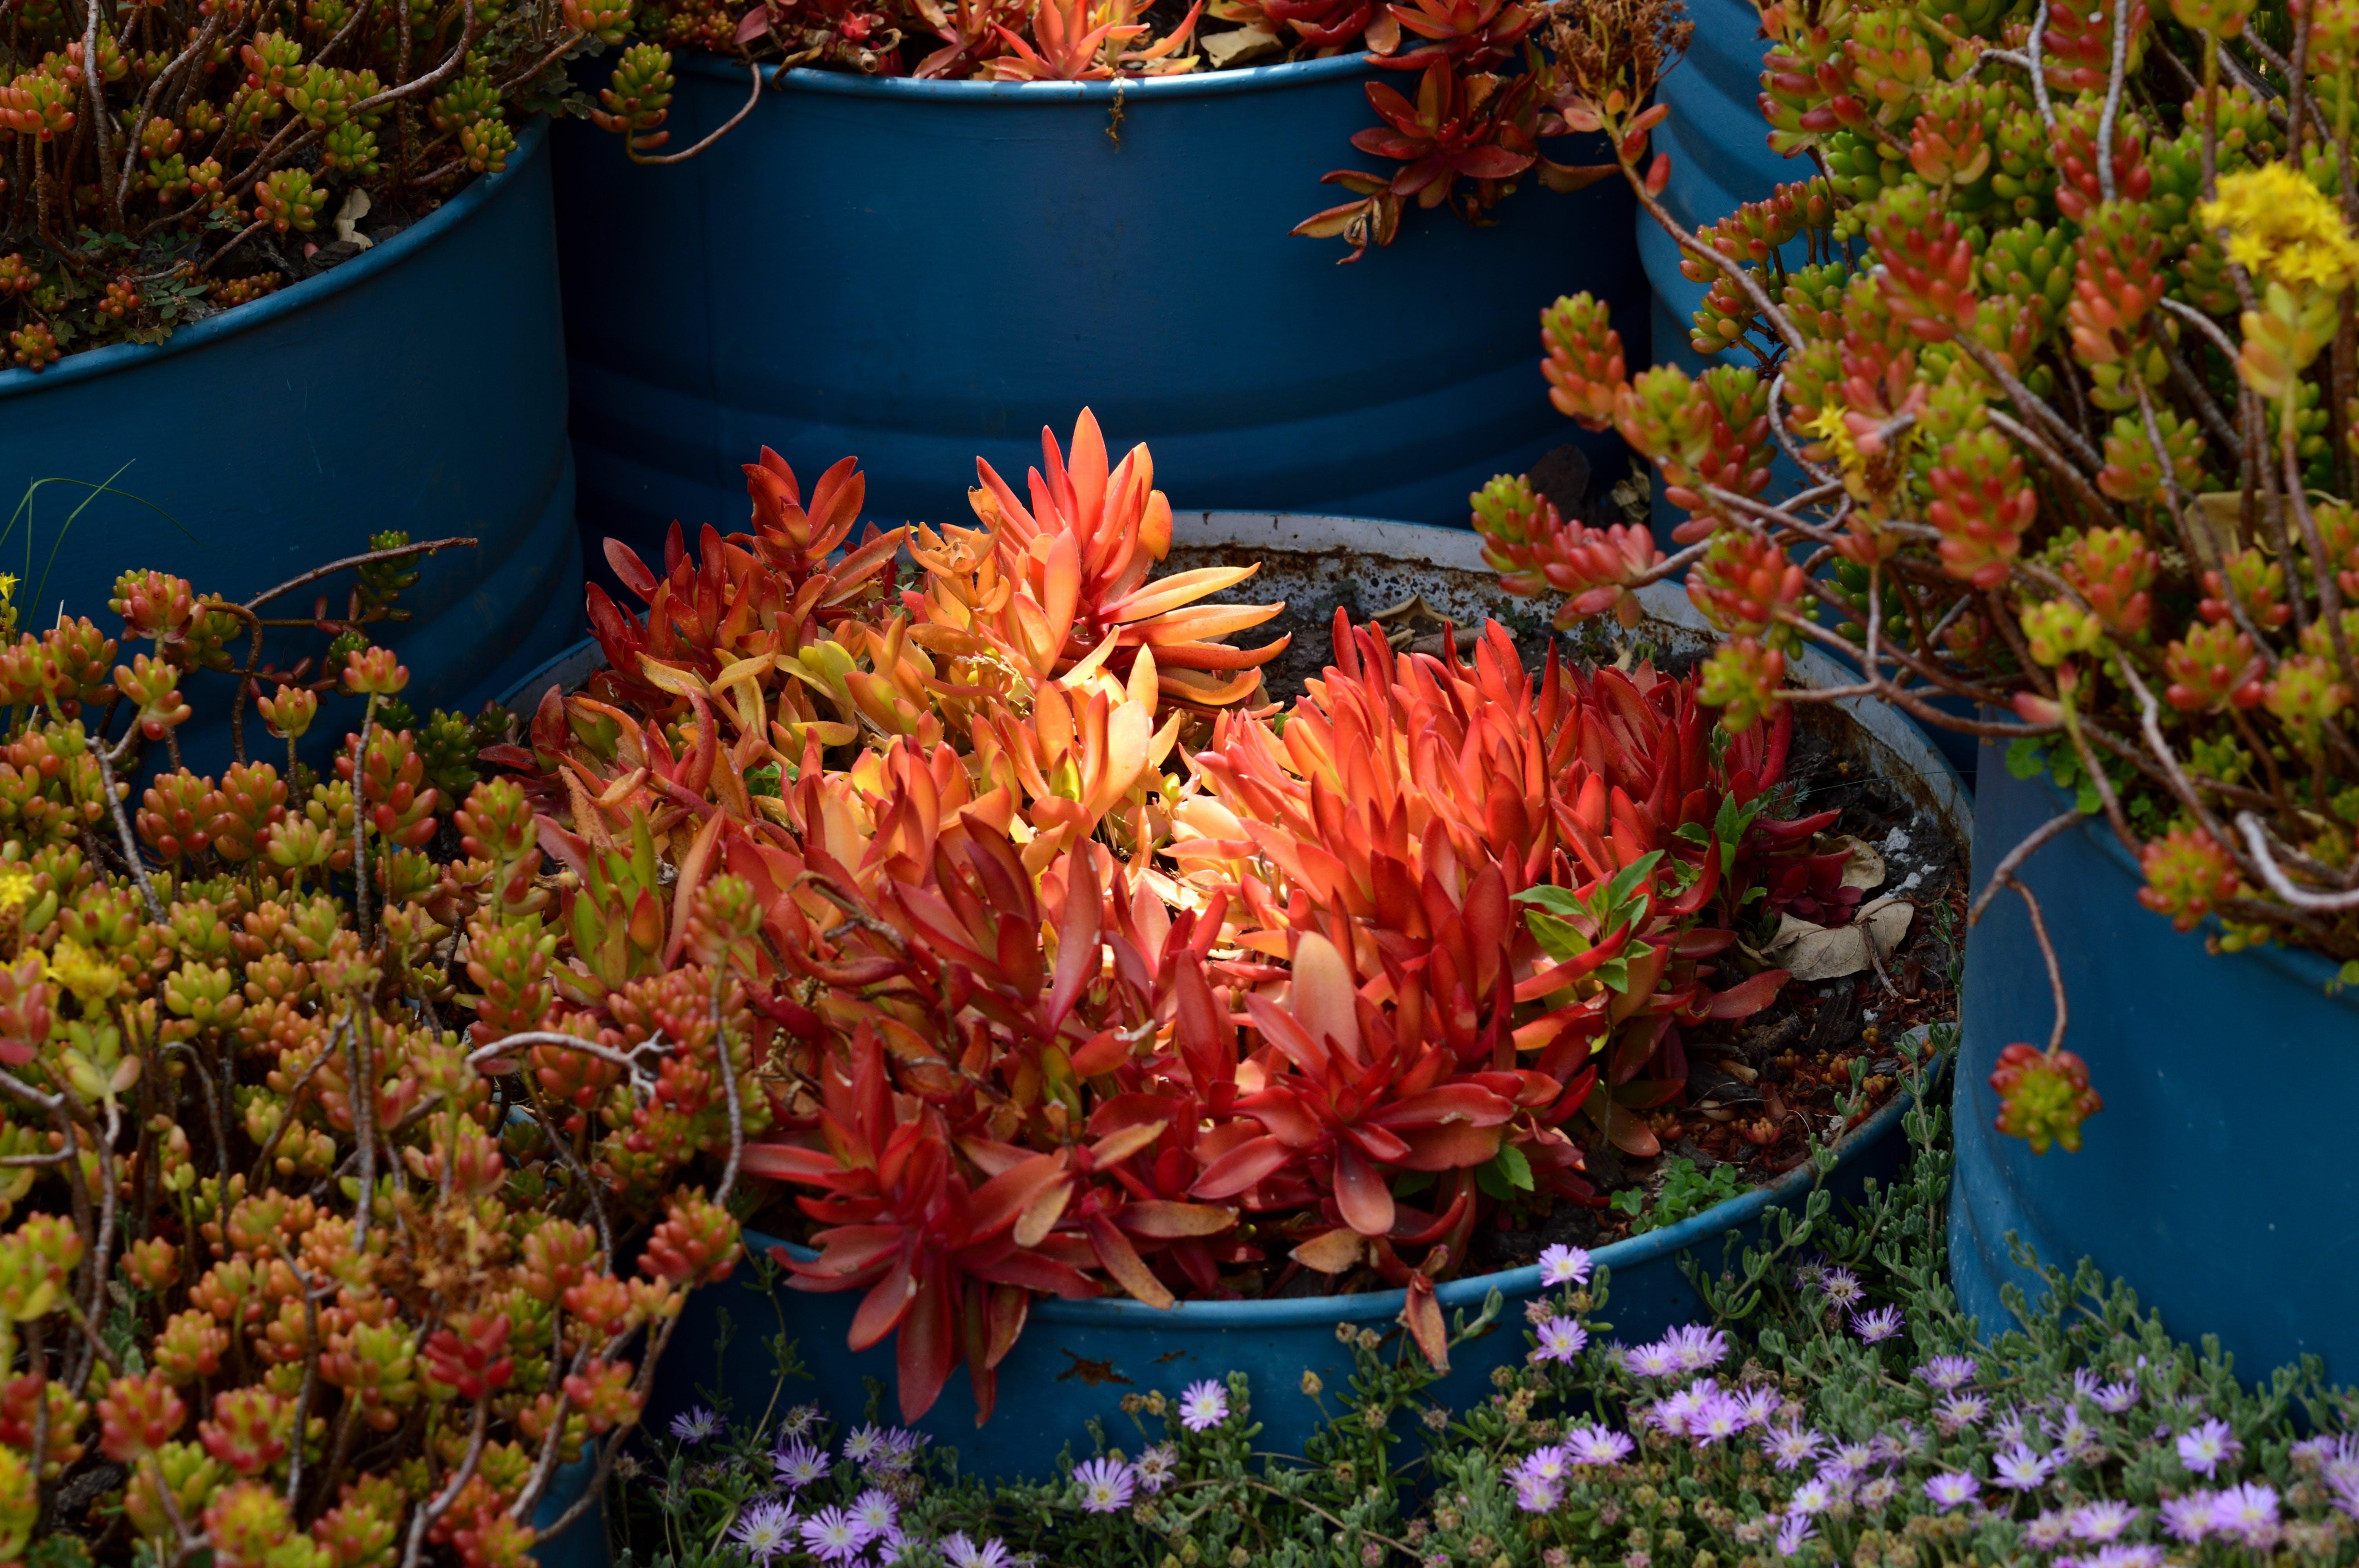 Fotos de stock gratuitas de bonito, botánica, botánico, cactus